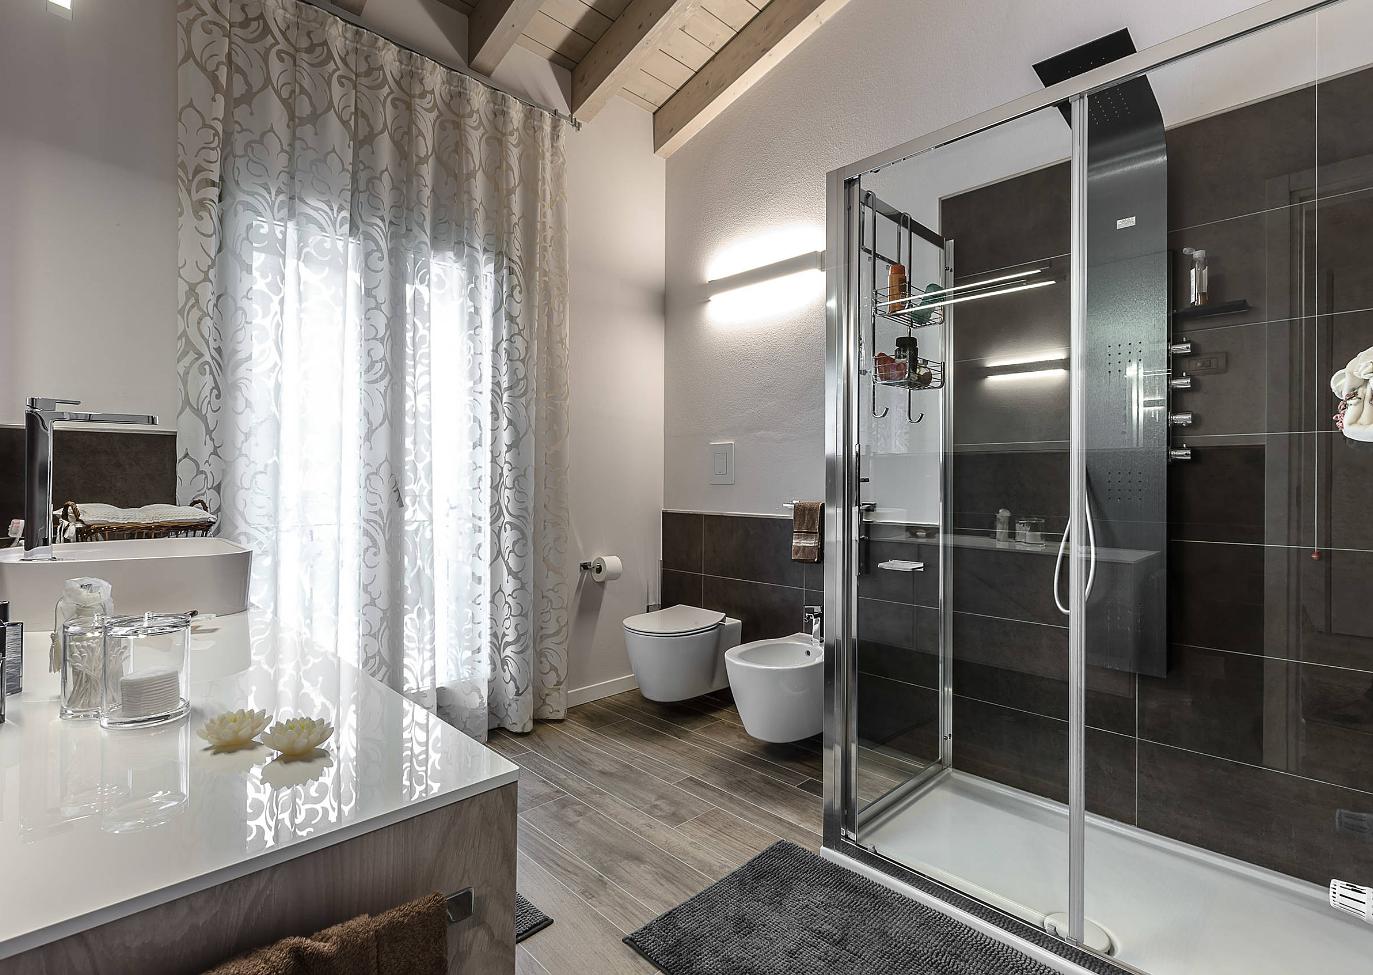 Sala Da Bagno Lusso : Trucchi per avere un bagno di lusso senza spendere una fortuna